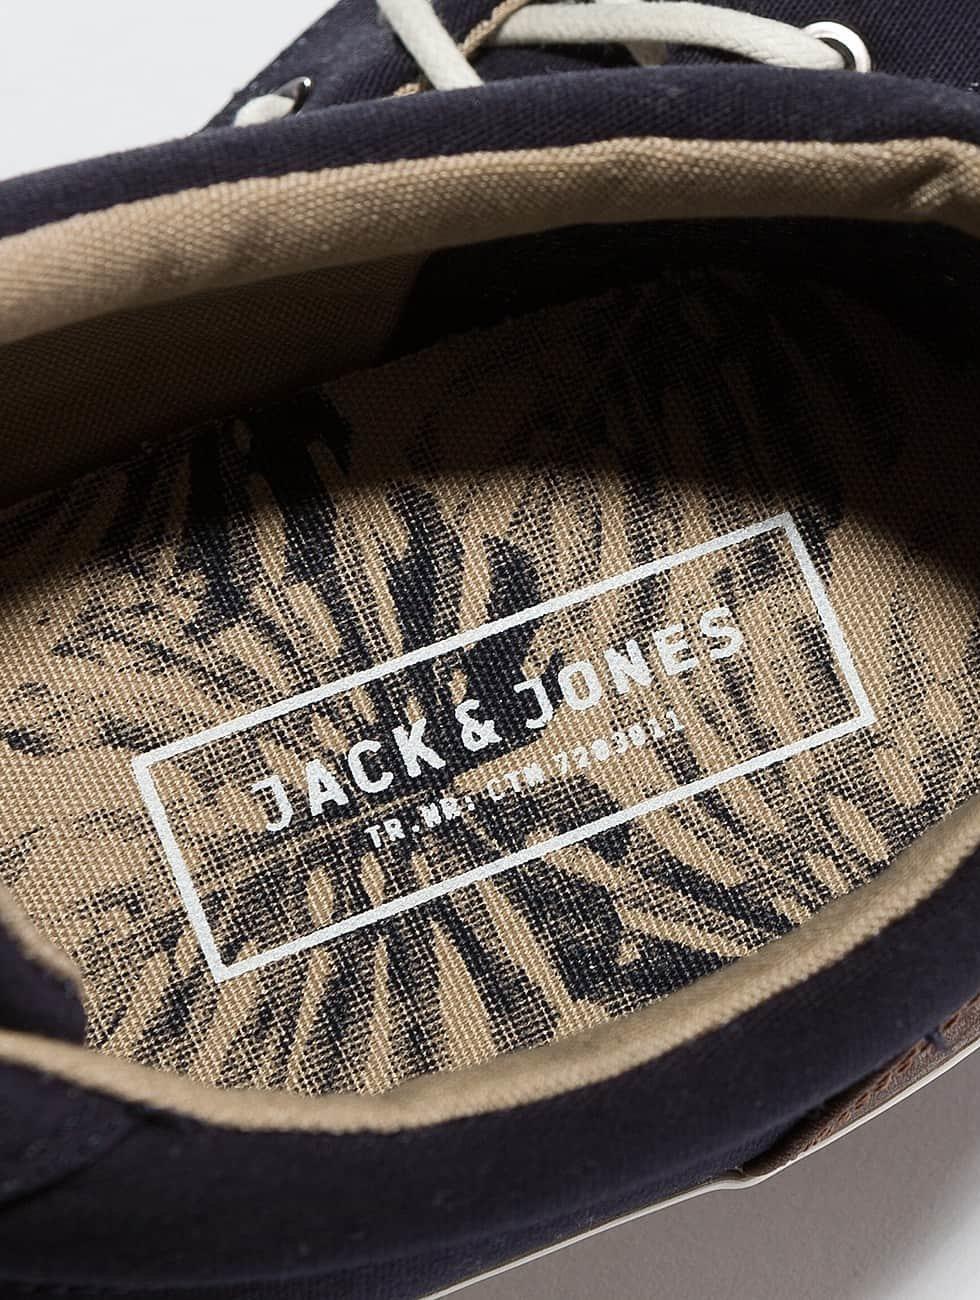 Chaussure Jack & Jones / Baskets Jfwvison Mélangé En Bleu 325802 Pas Cher Professionnel Parcourir Prix Pas Cher 100% Authentique Magasin De Destockage Pour Haute Qualité 3PfEjPXJMy